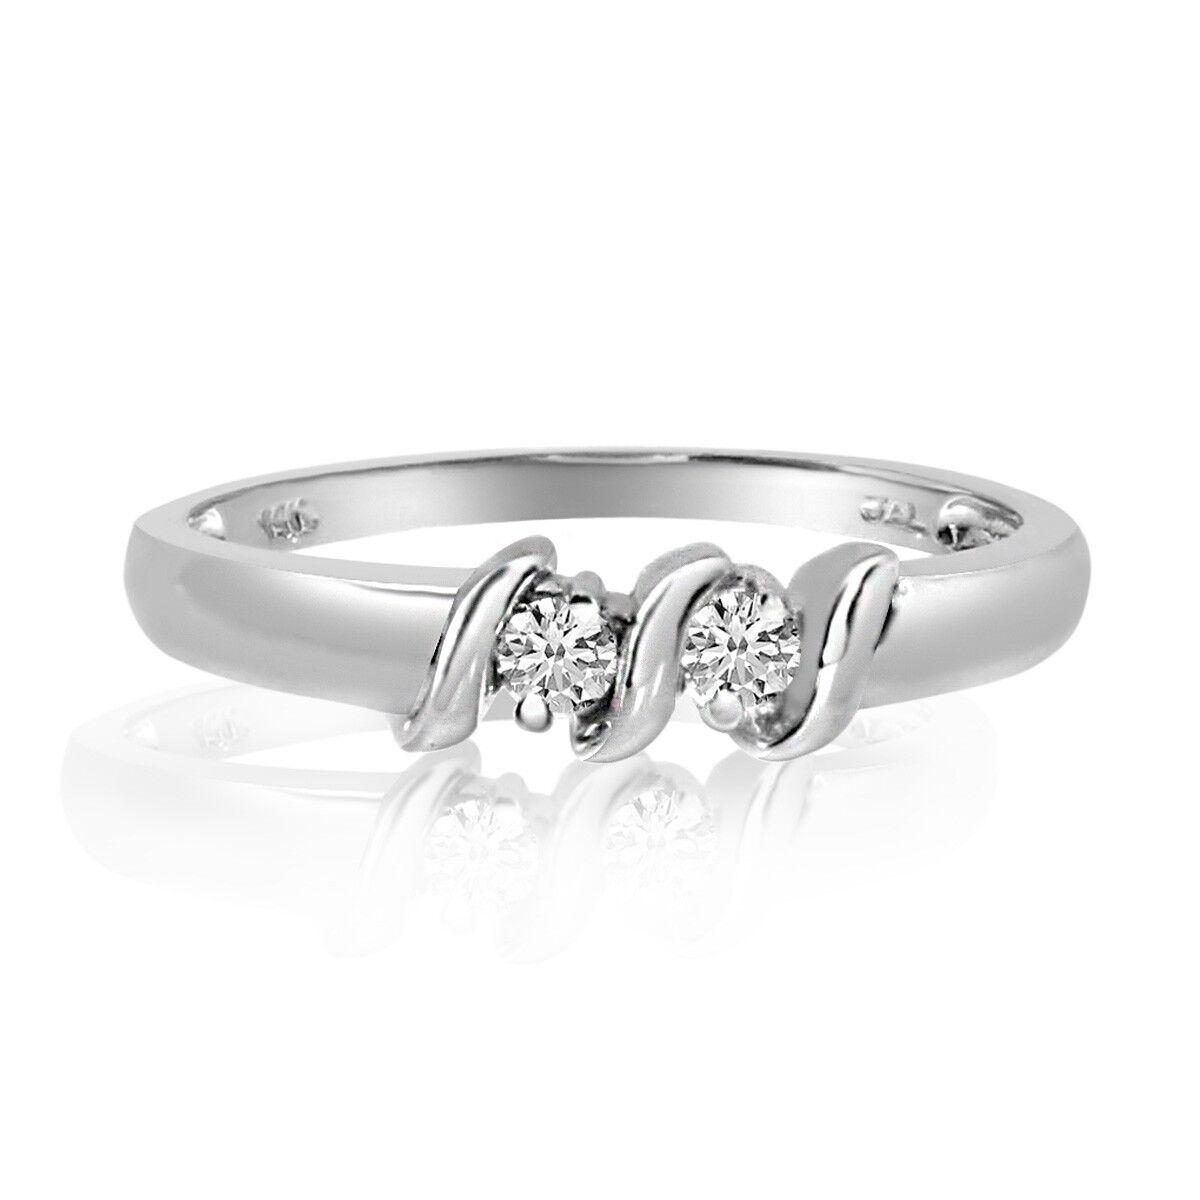 14K White gold S Design Two-Stone Diamond Ring